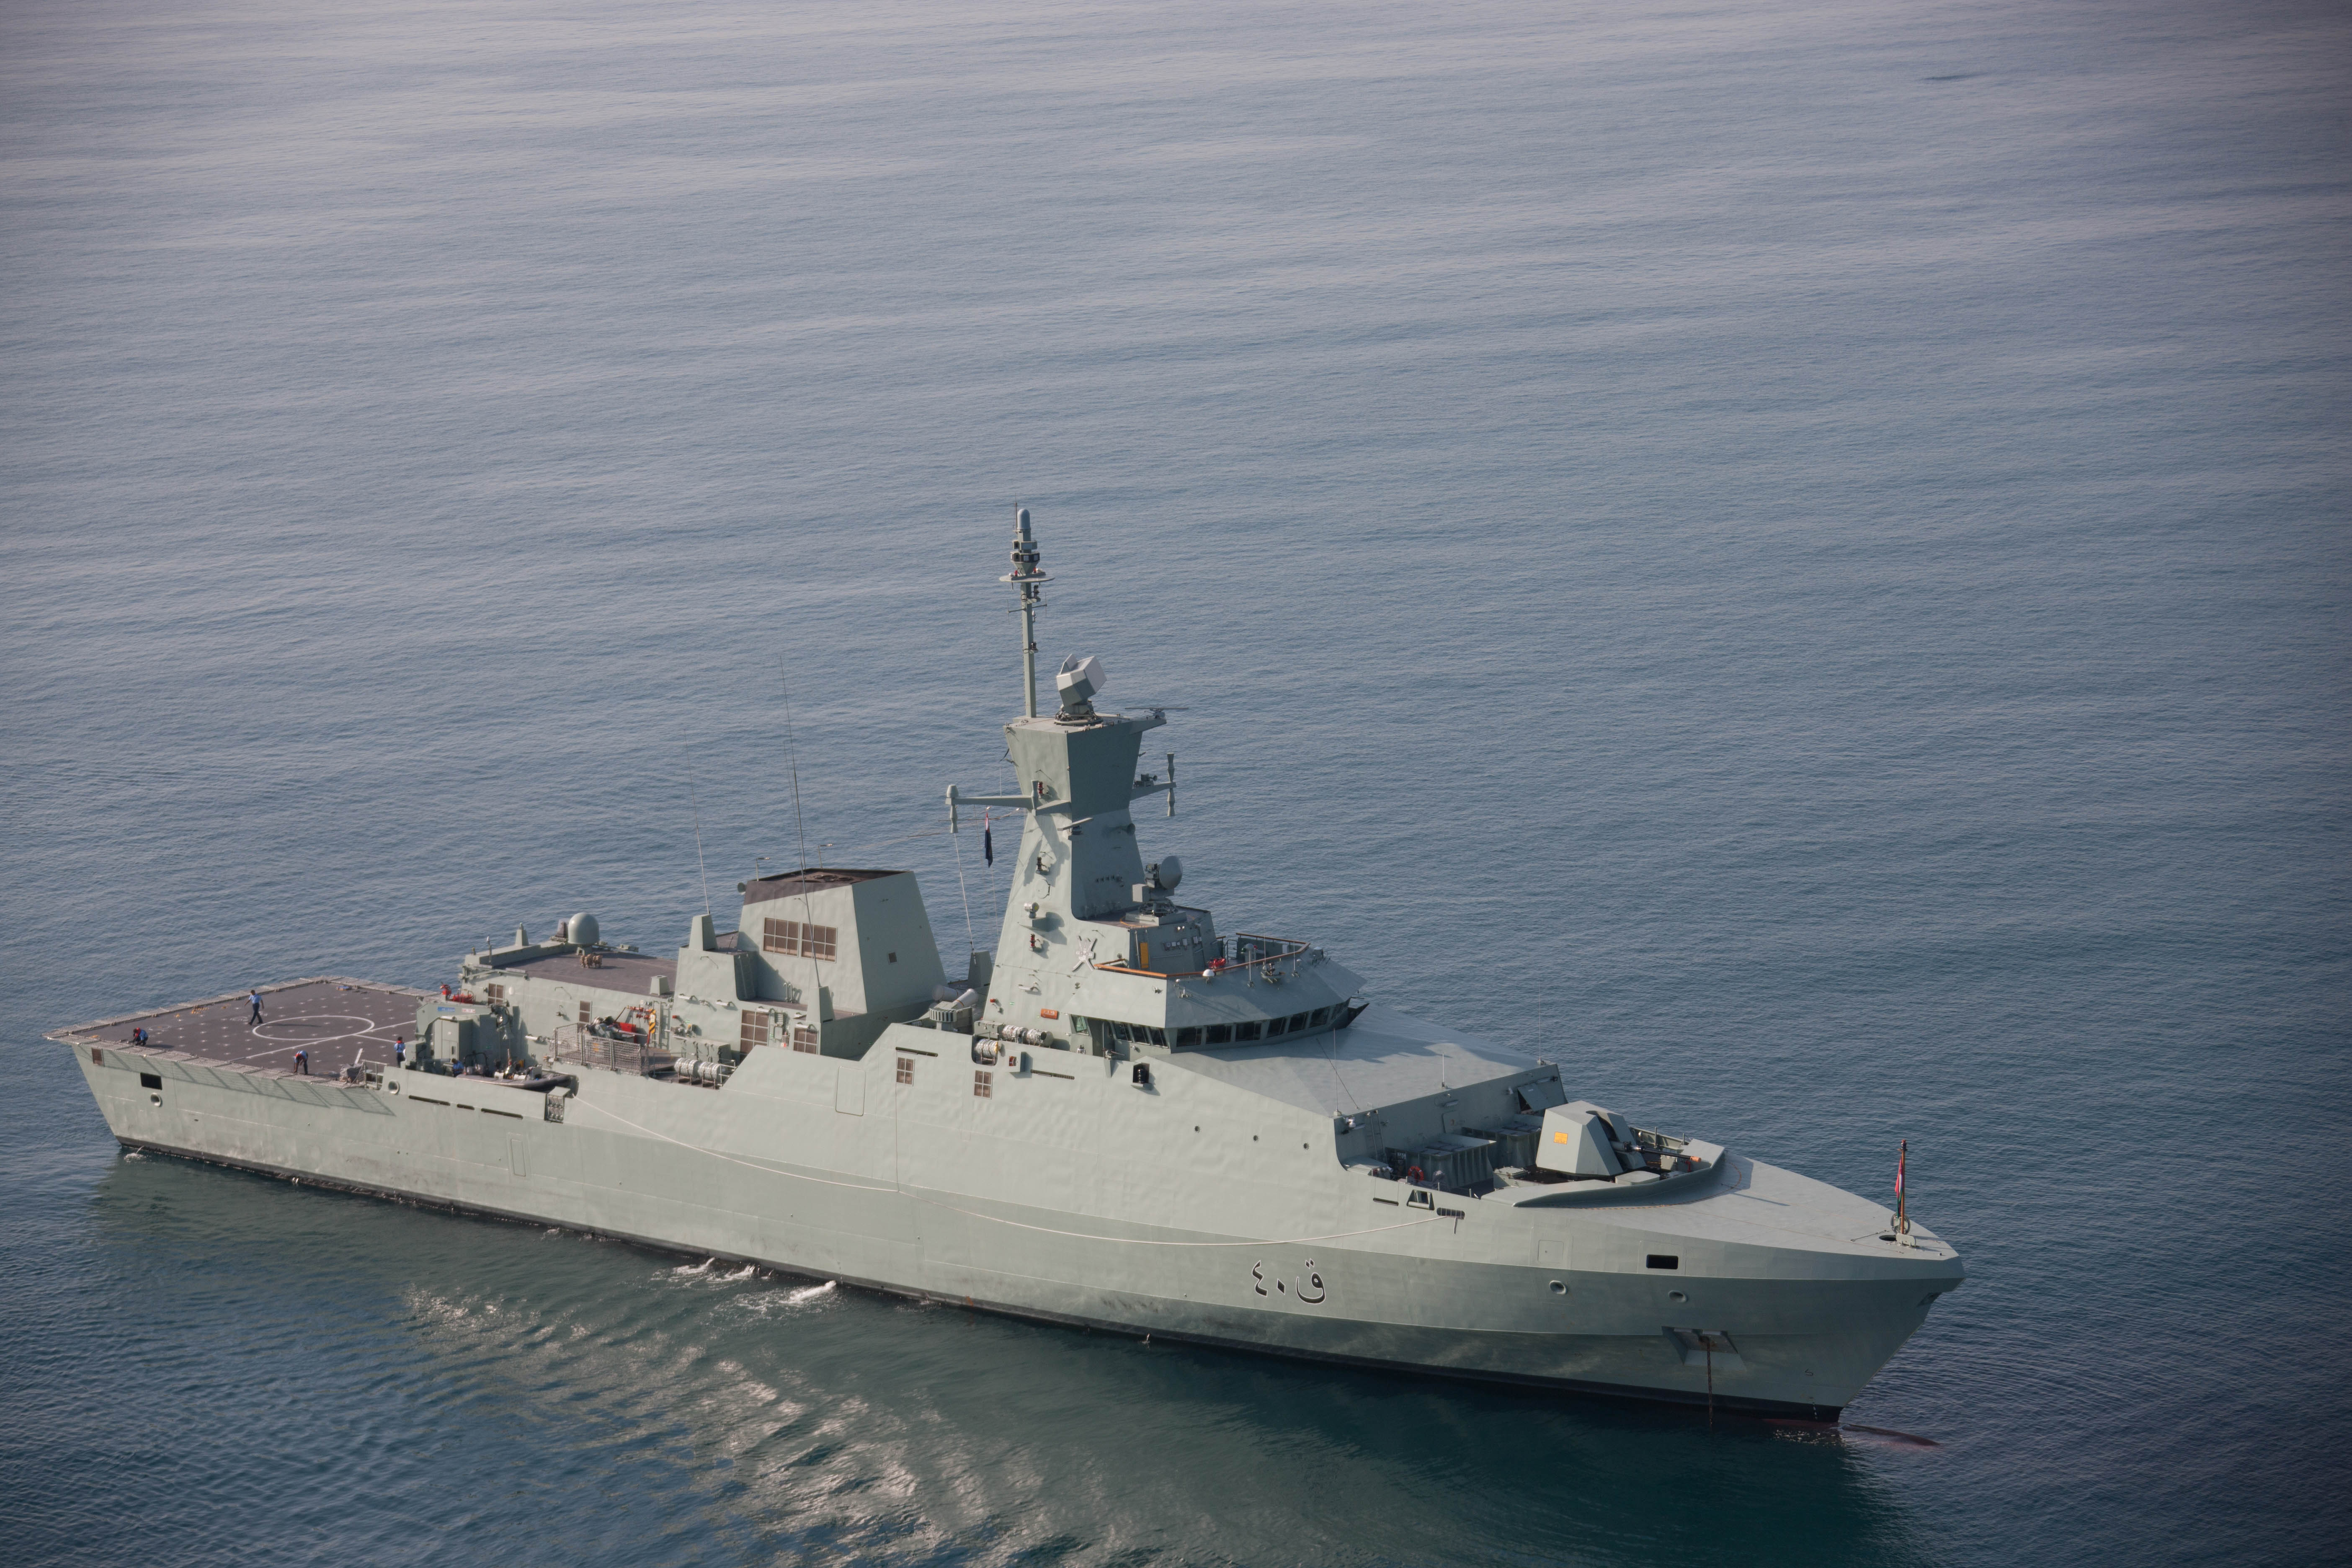 البحرية السلطانية  تنفذ عملية بحث وإنقاذ لأربعة مواطنين